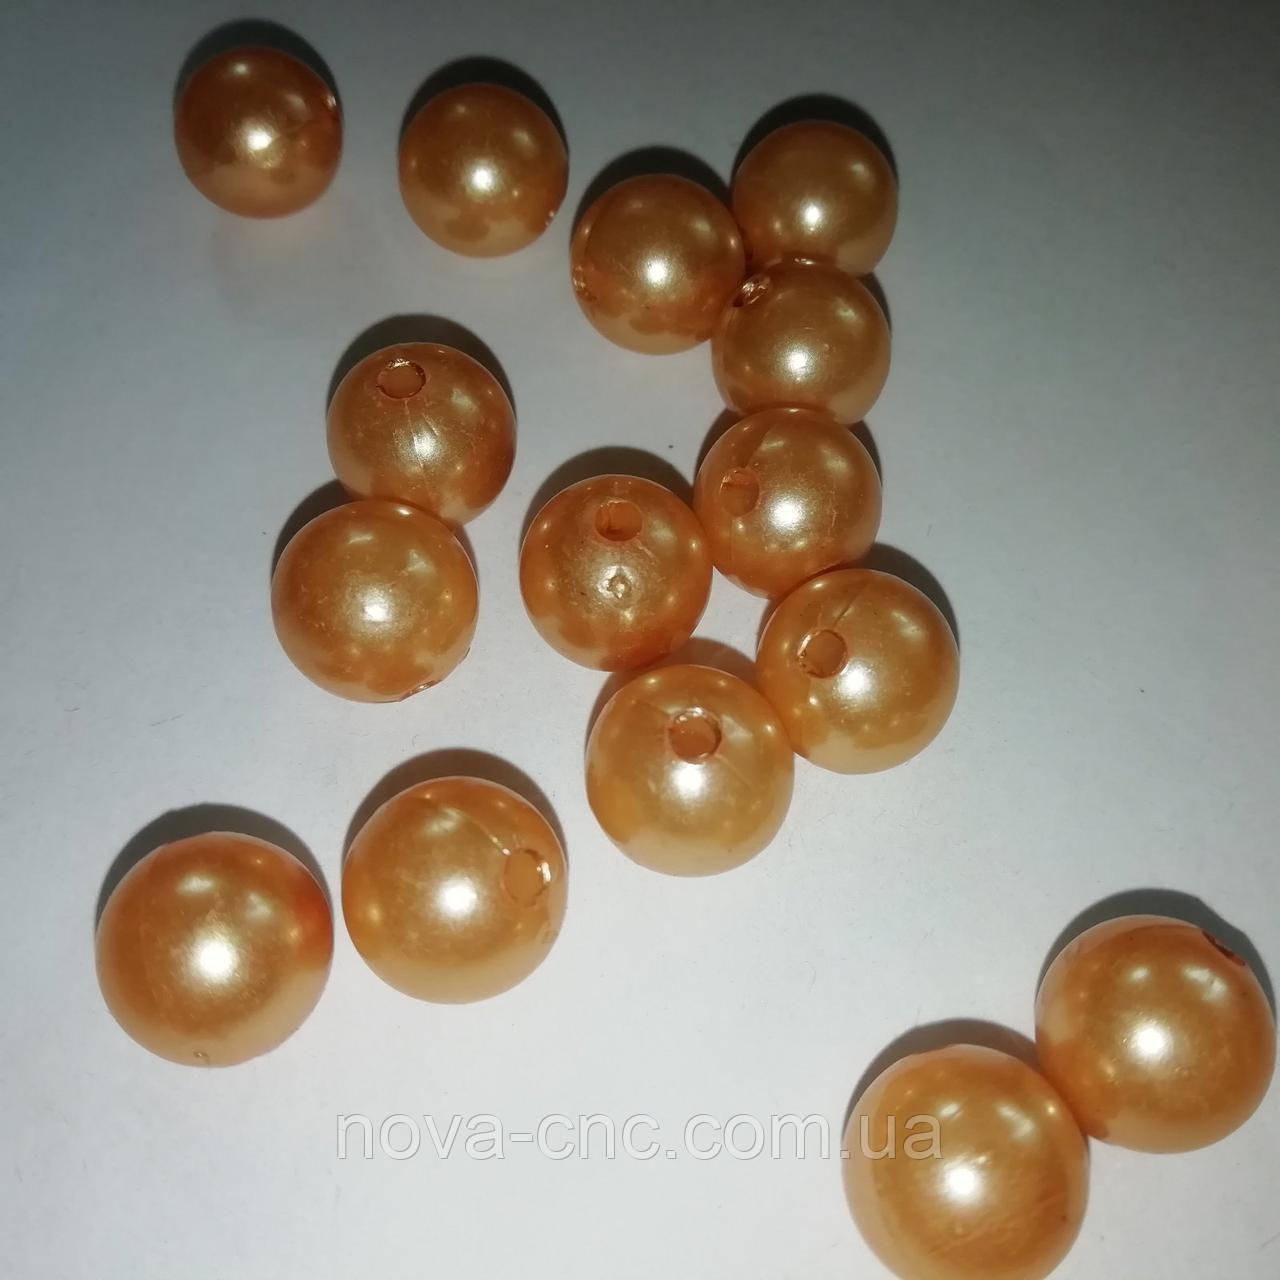 """Бусины пластик """"Шар гладкий"""" бледно-оранжевый 12 мм  500 грамм"""